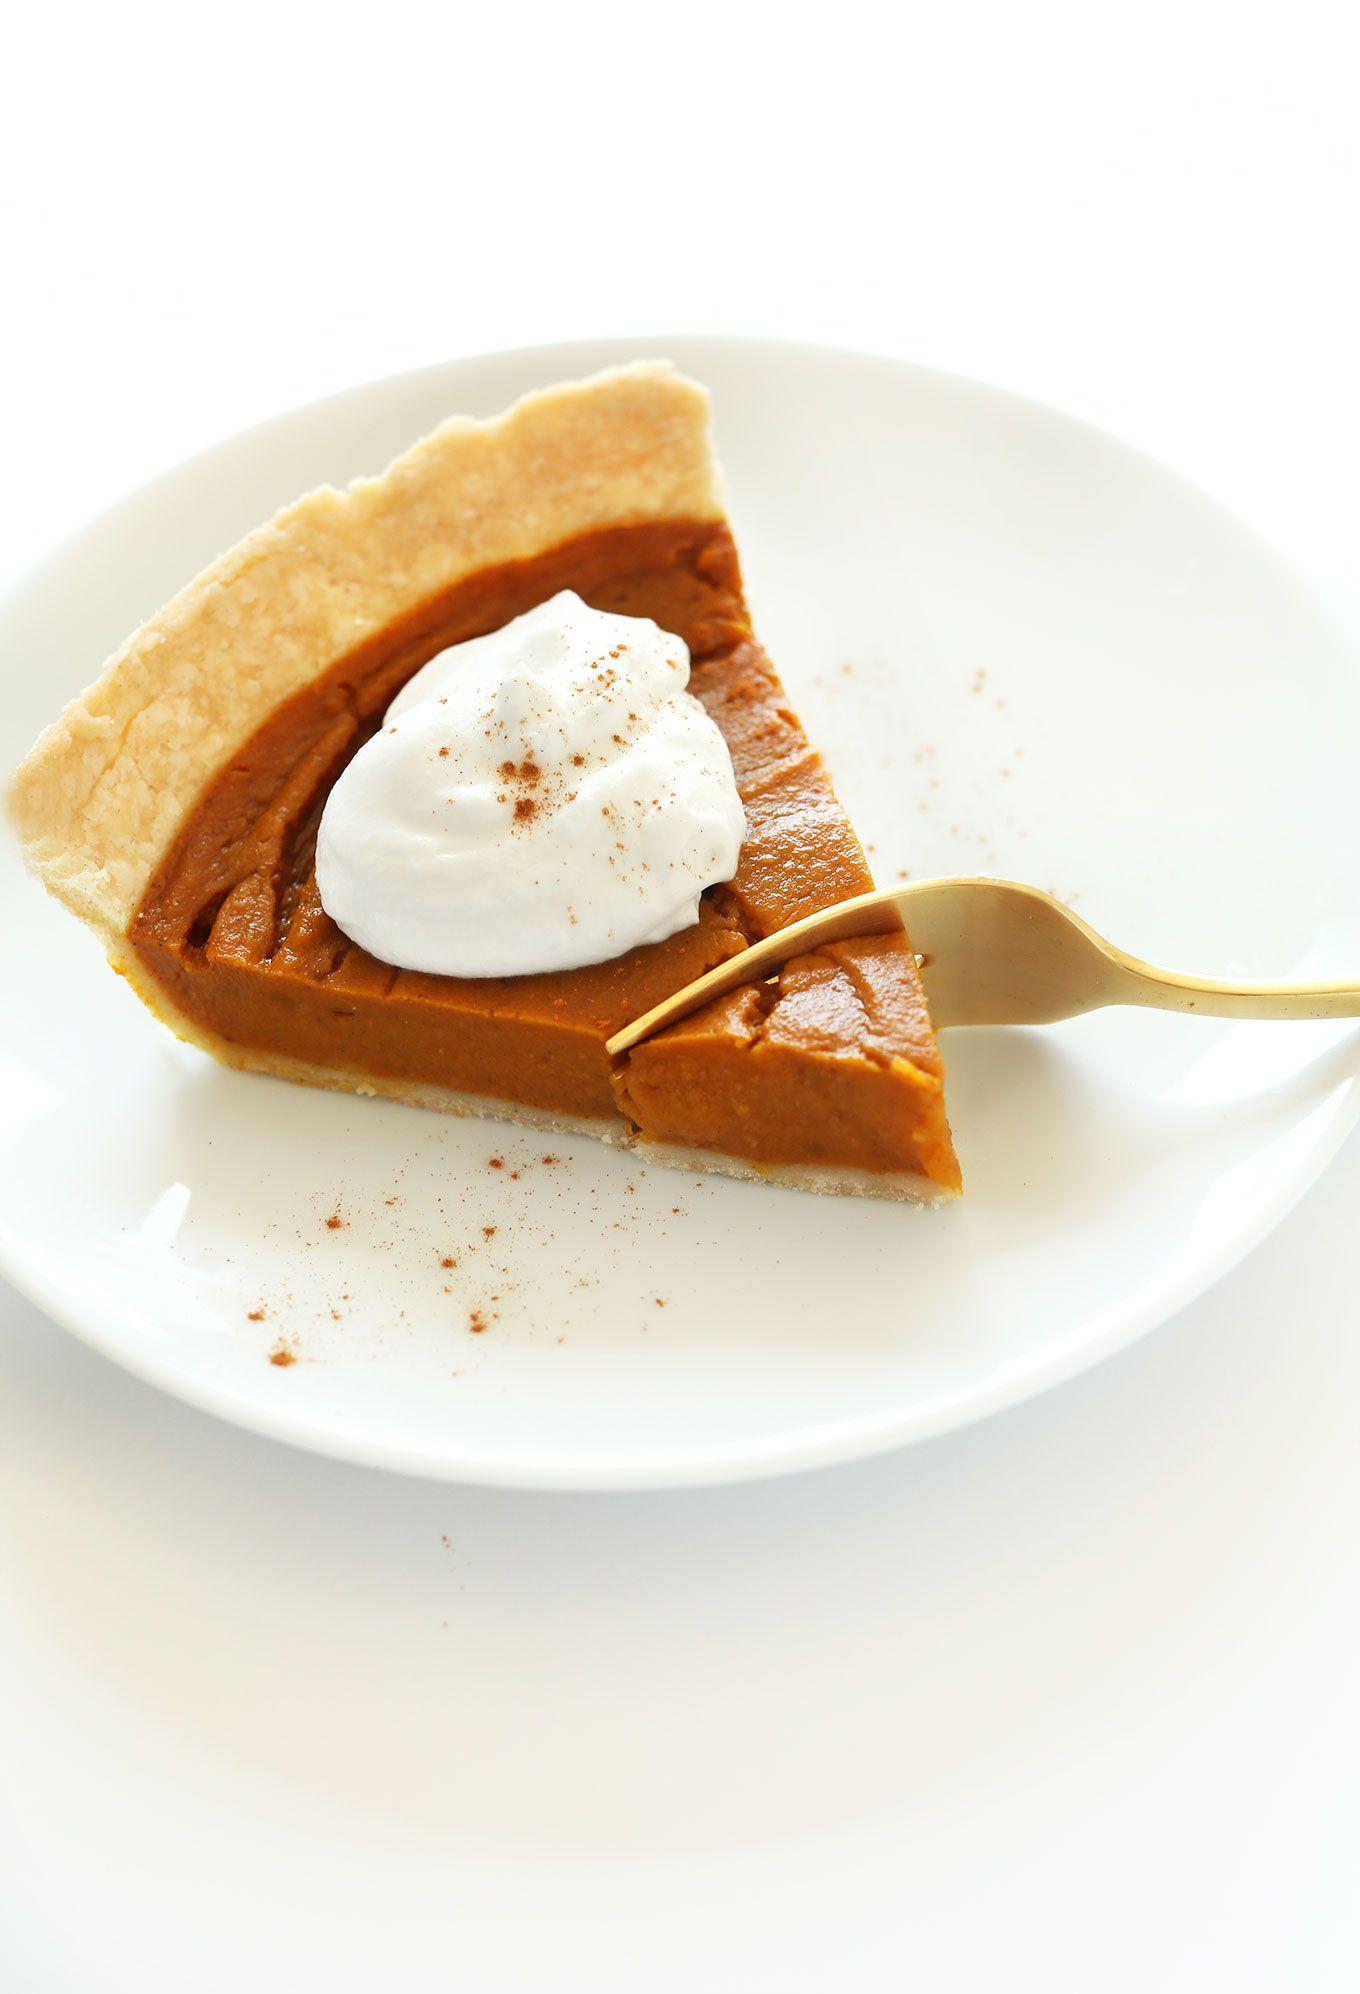 Vegan Gluten-Free Pumpkin Pie | Minimalist Baker R